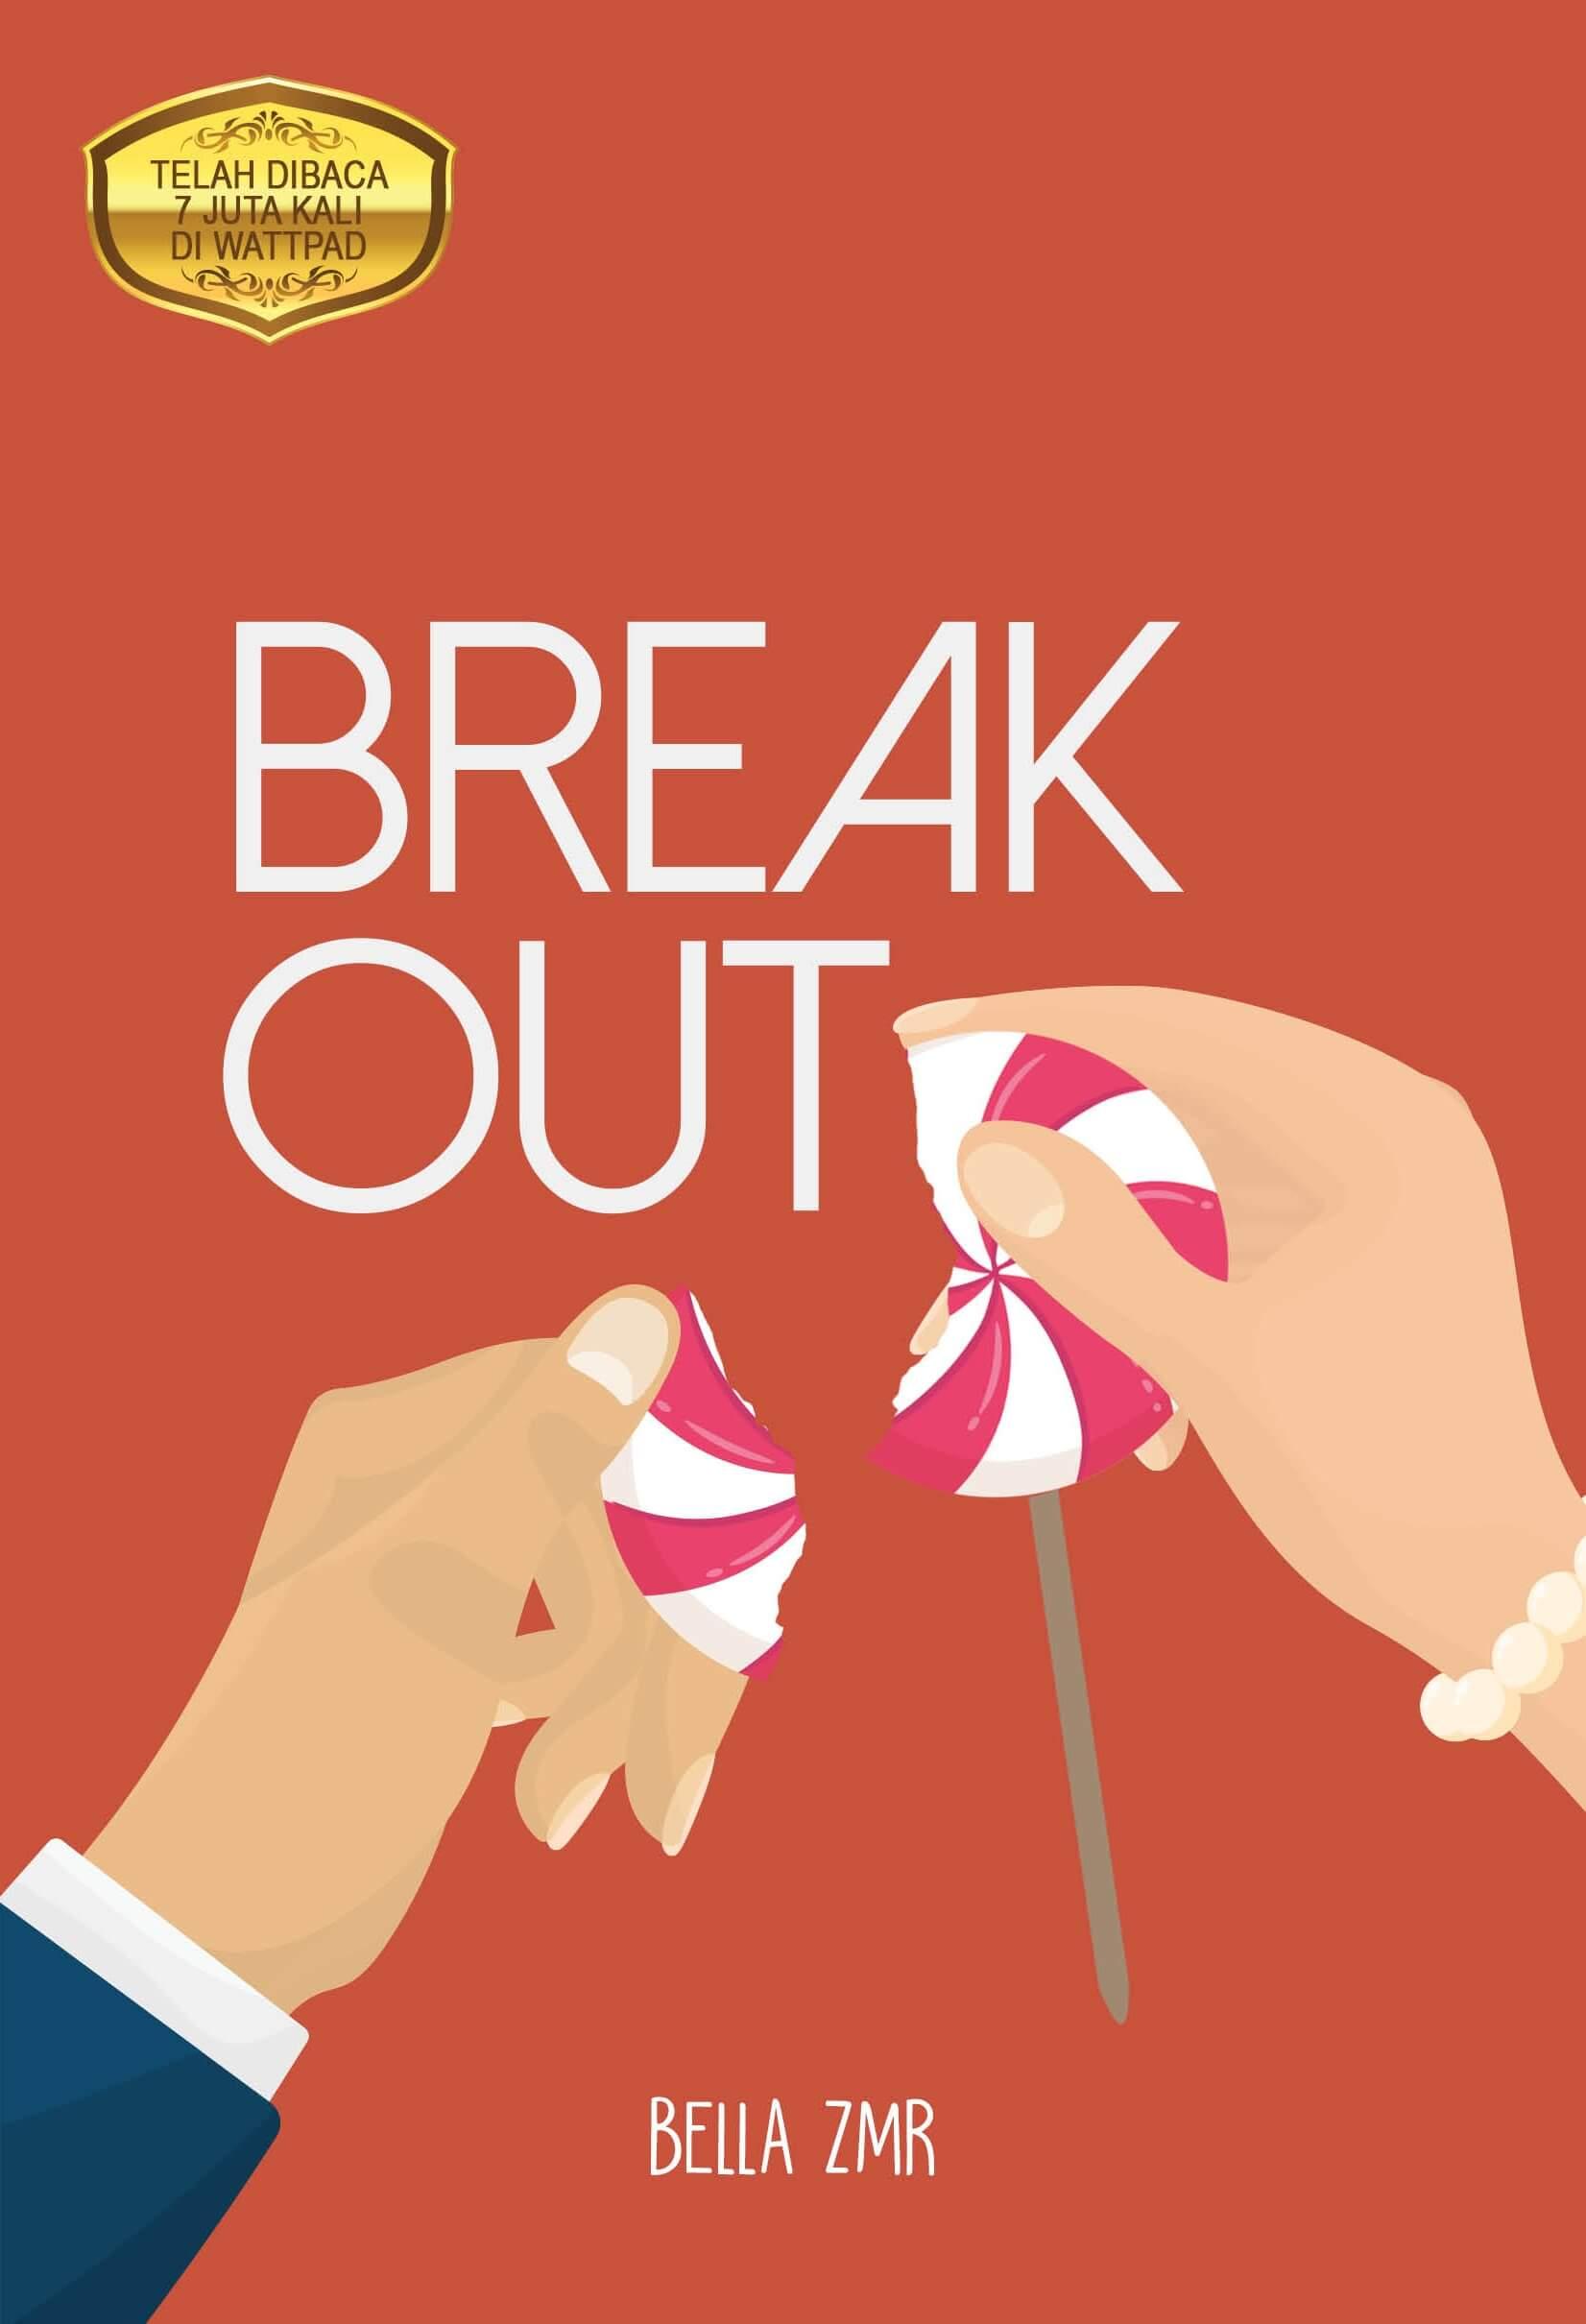 BREAK OUTen